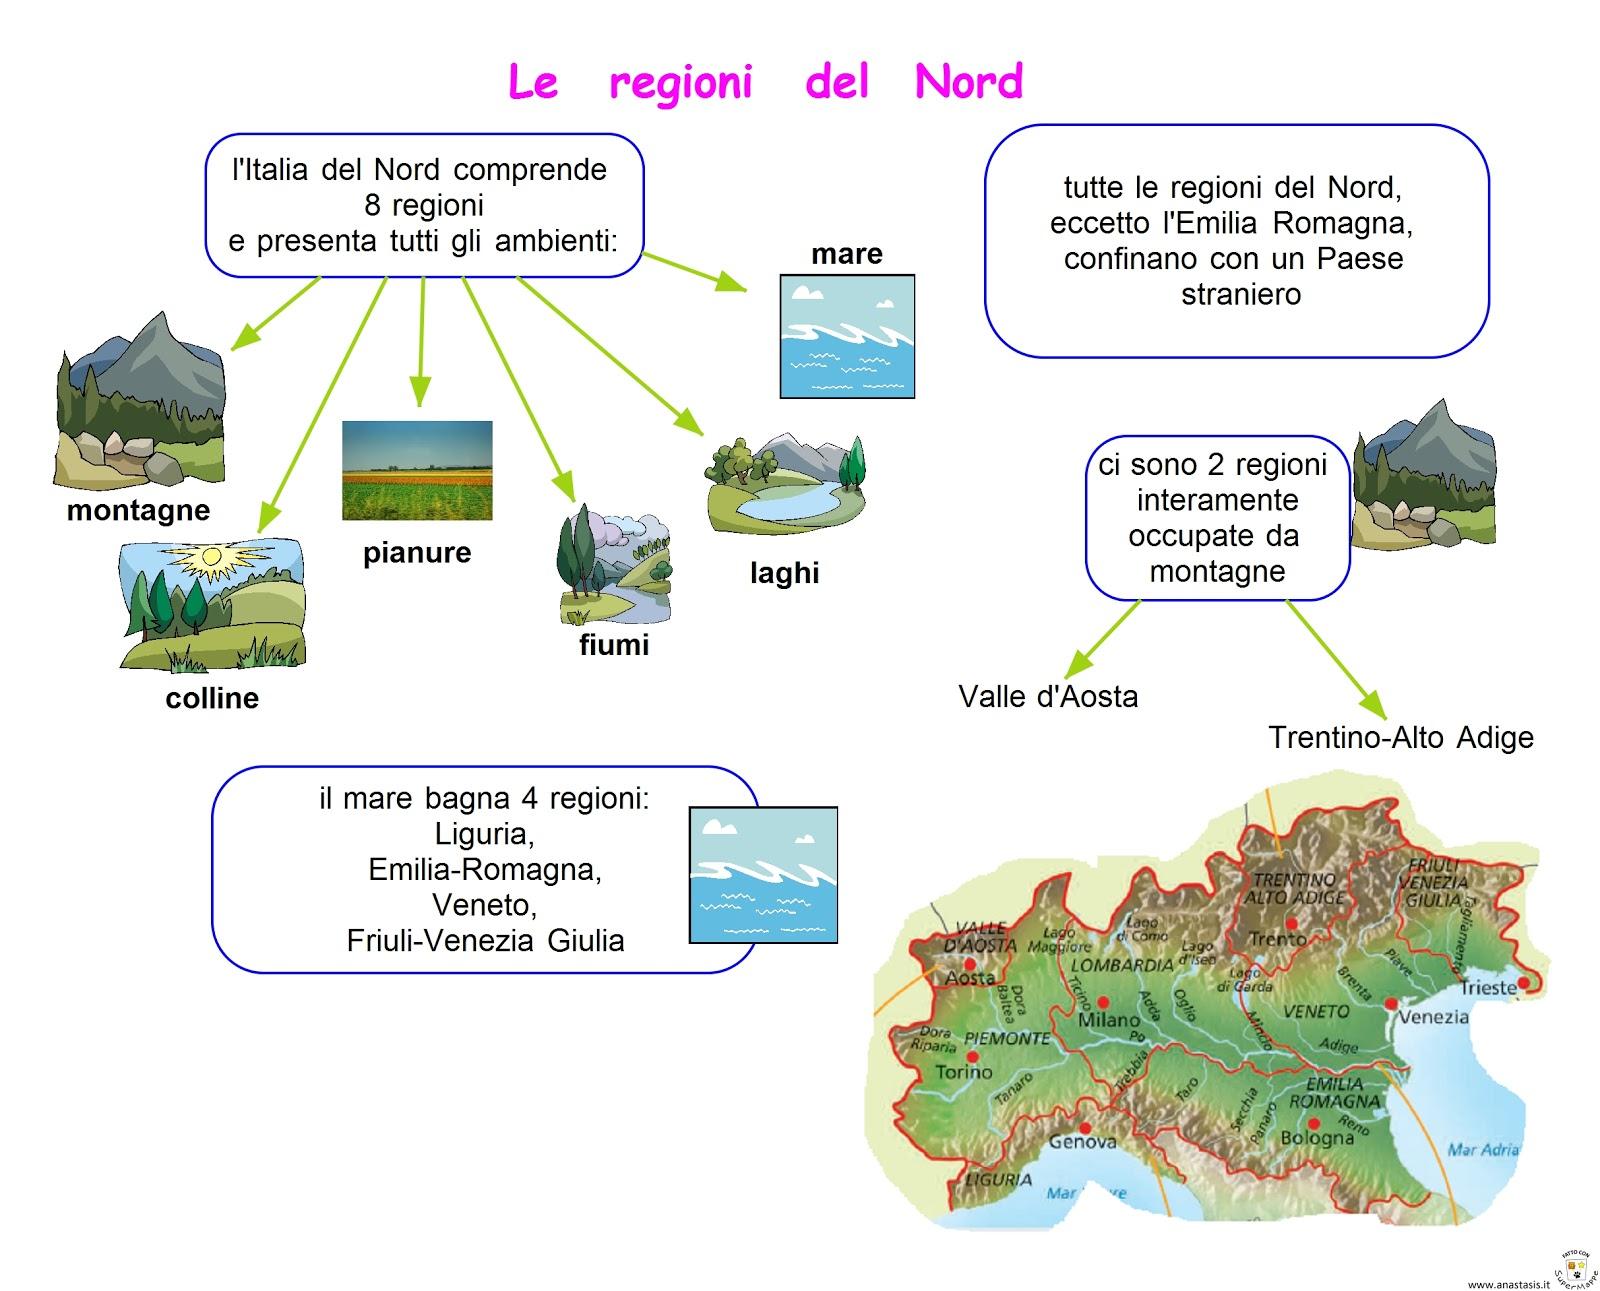 Cartina Muta Regioni Italia Settentrionale.Le Regioni Del Nord La Lombardia Lessons Blendspace